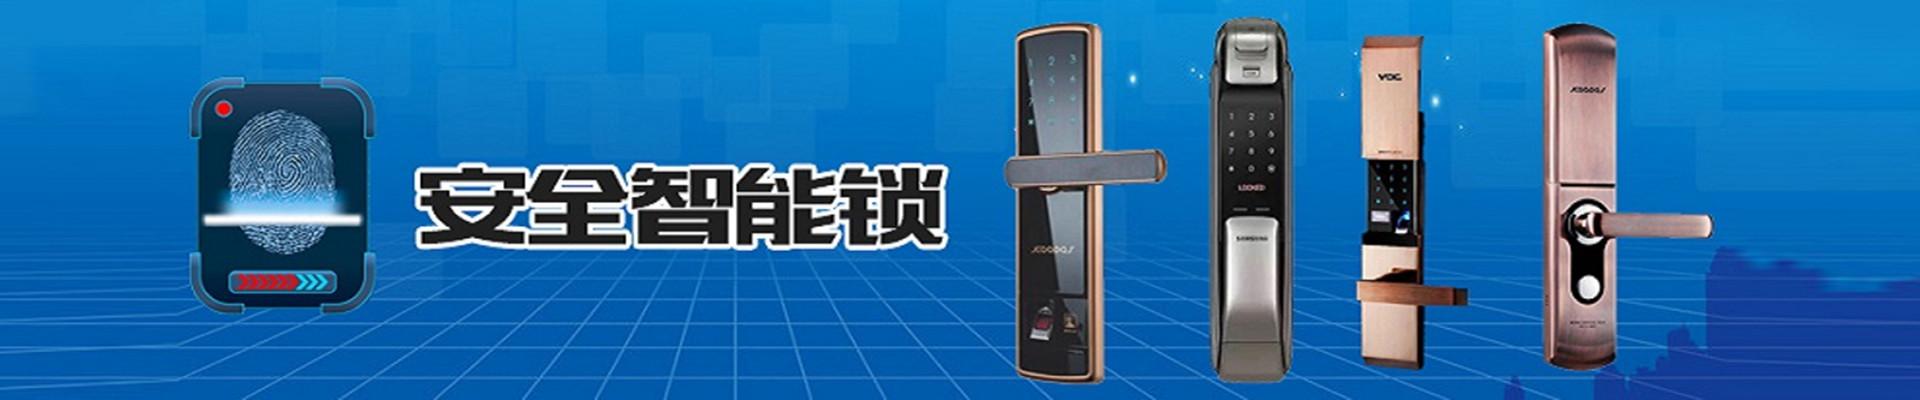 呈贡张平修锁服务部公司介绍